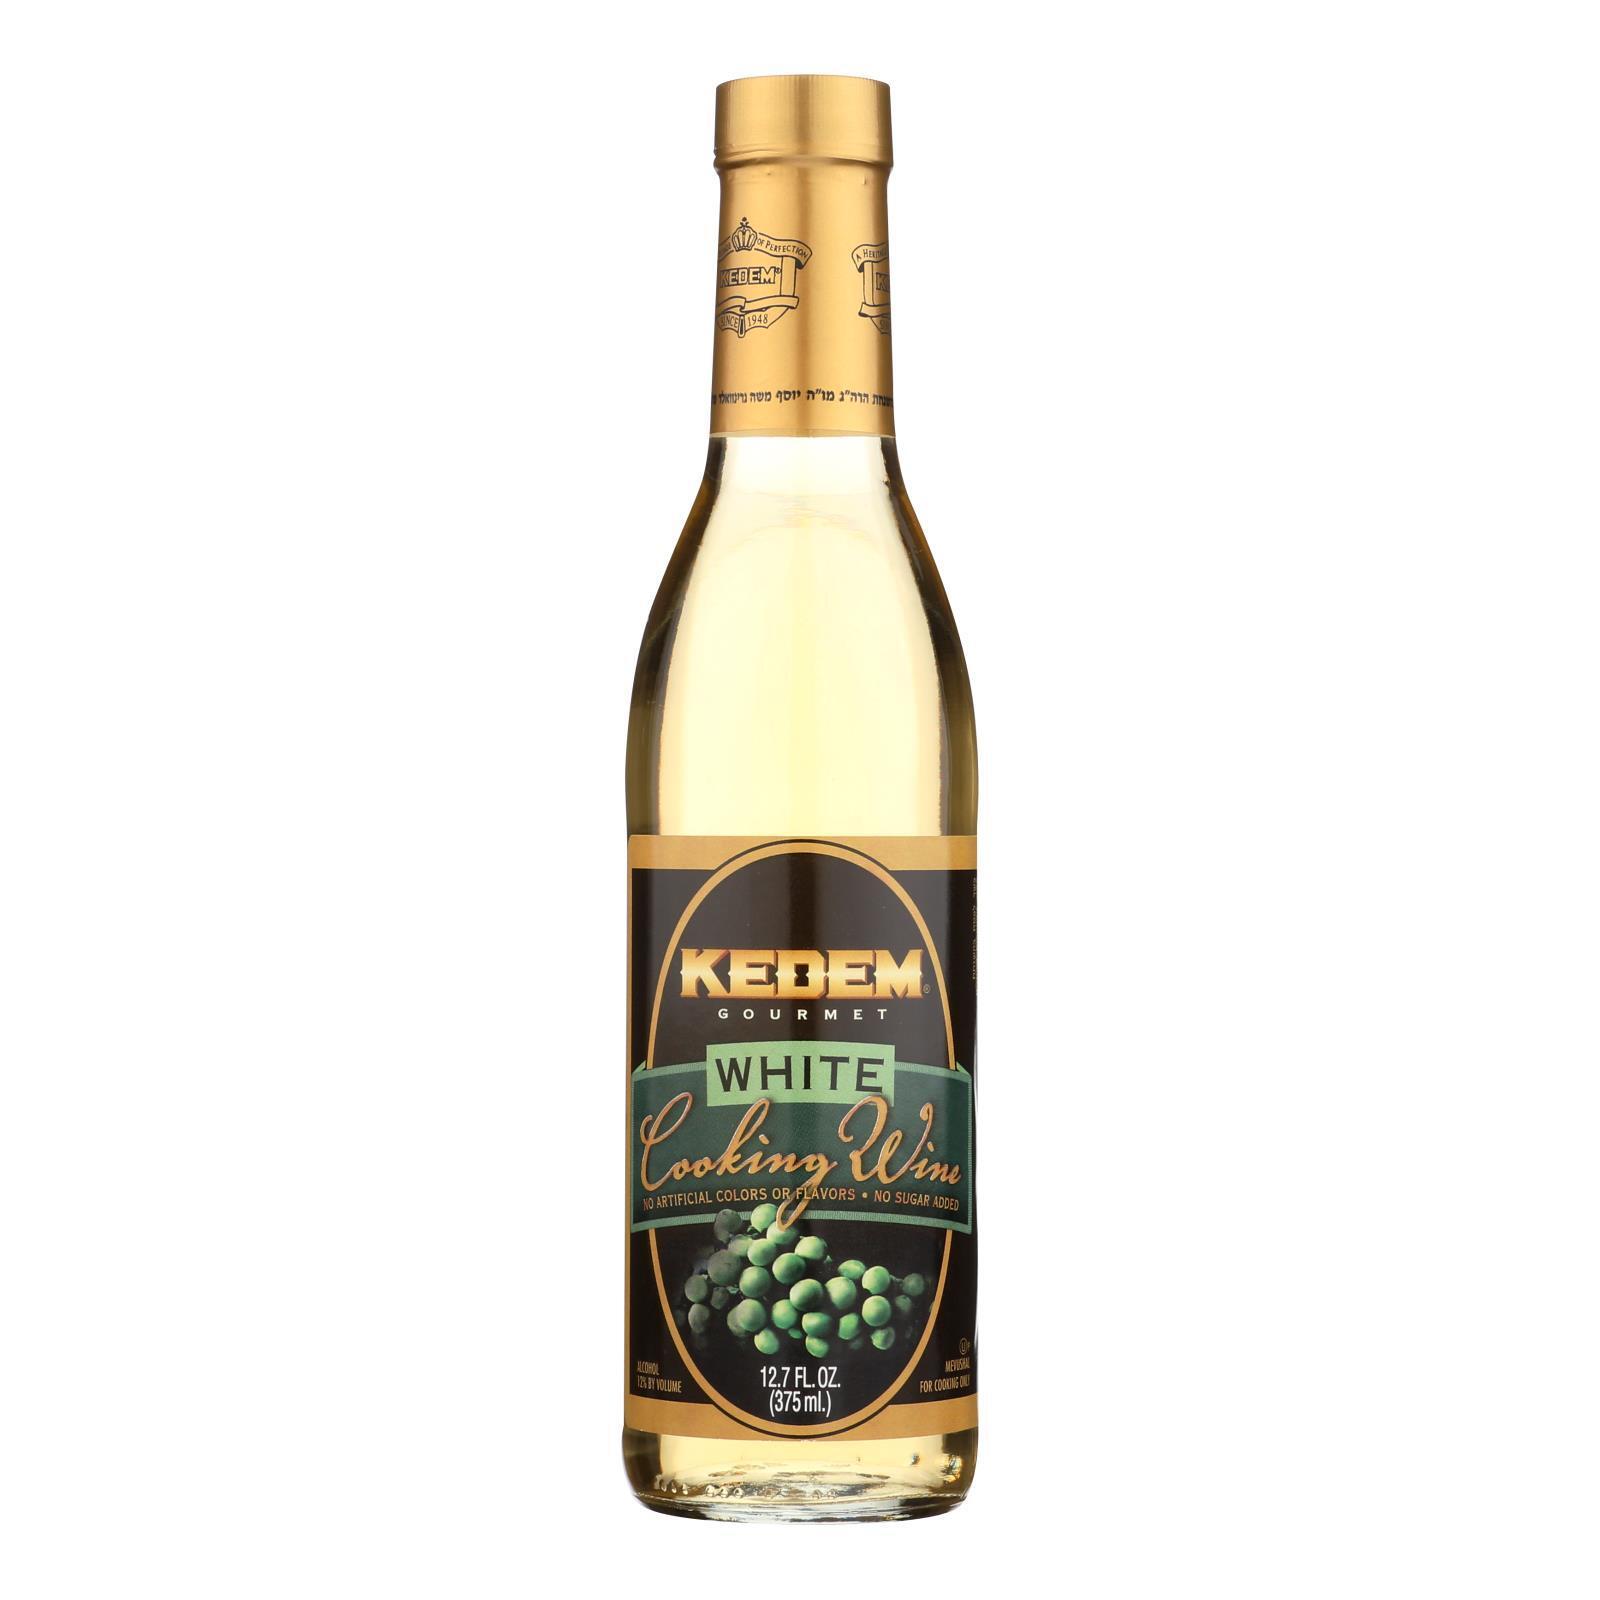 Kedem Cooking Wine - Case of 12 - 12.7 Fl oz.